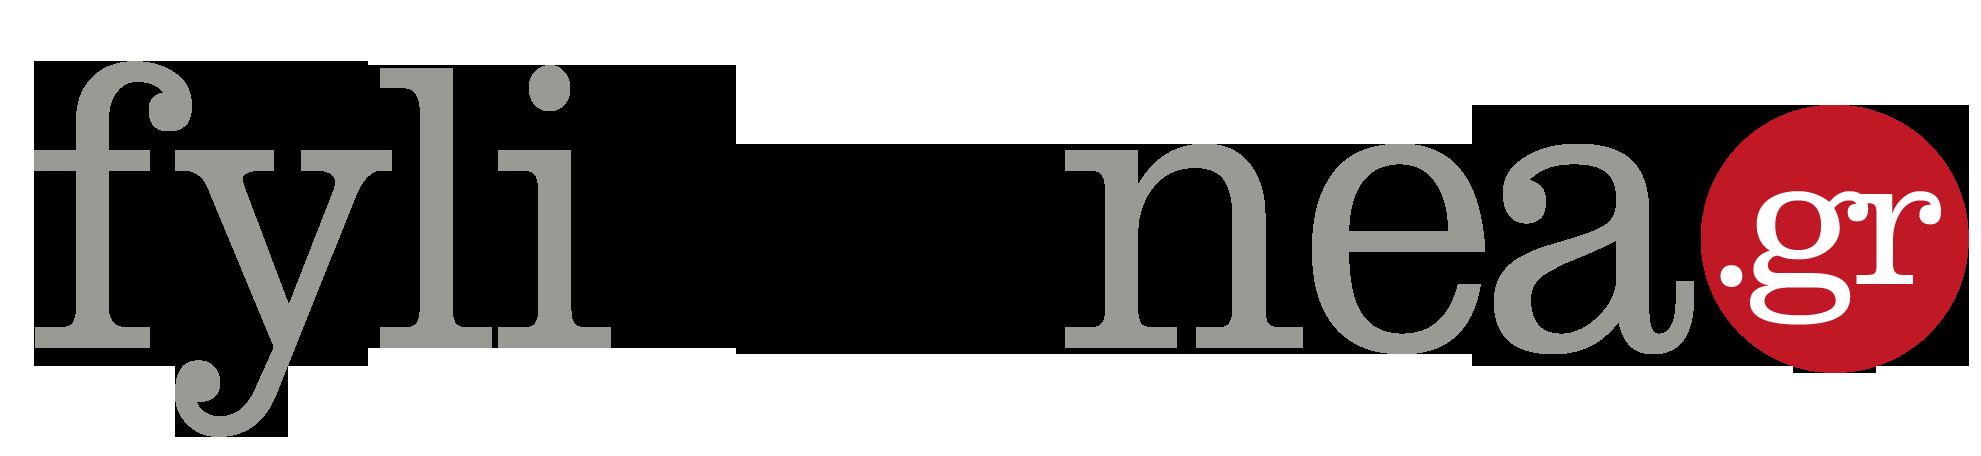 www.fylikanea.gr